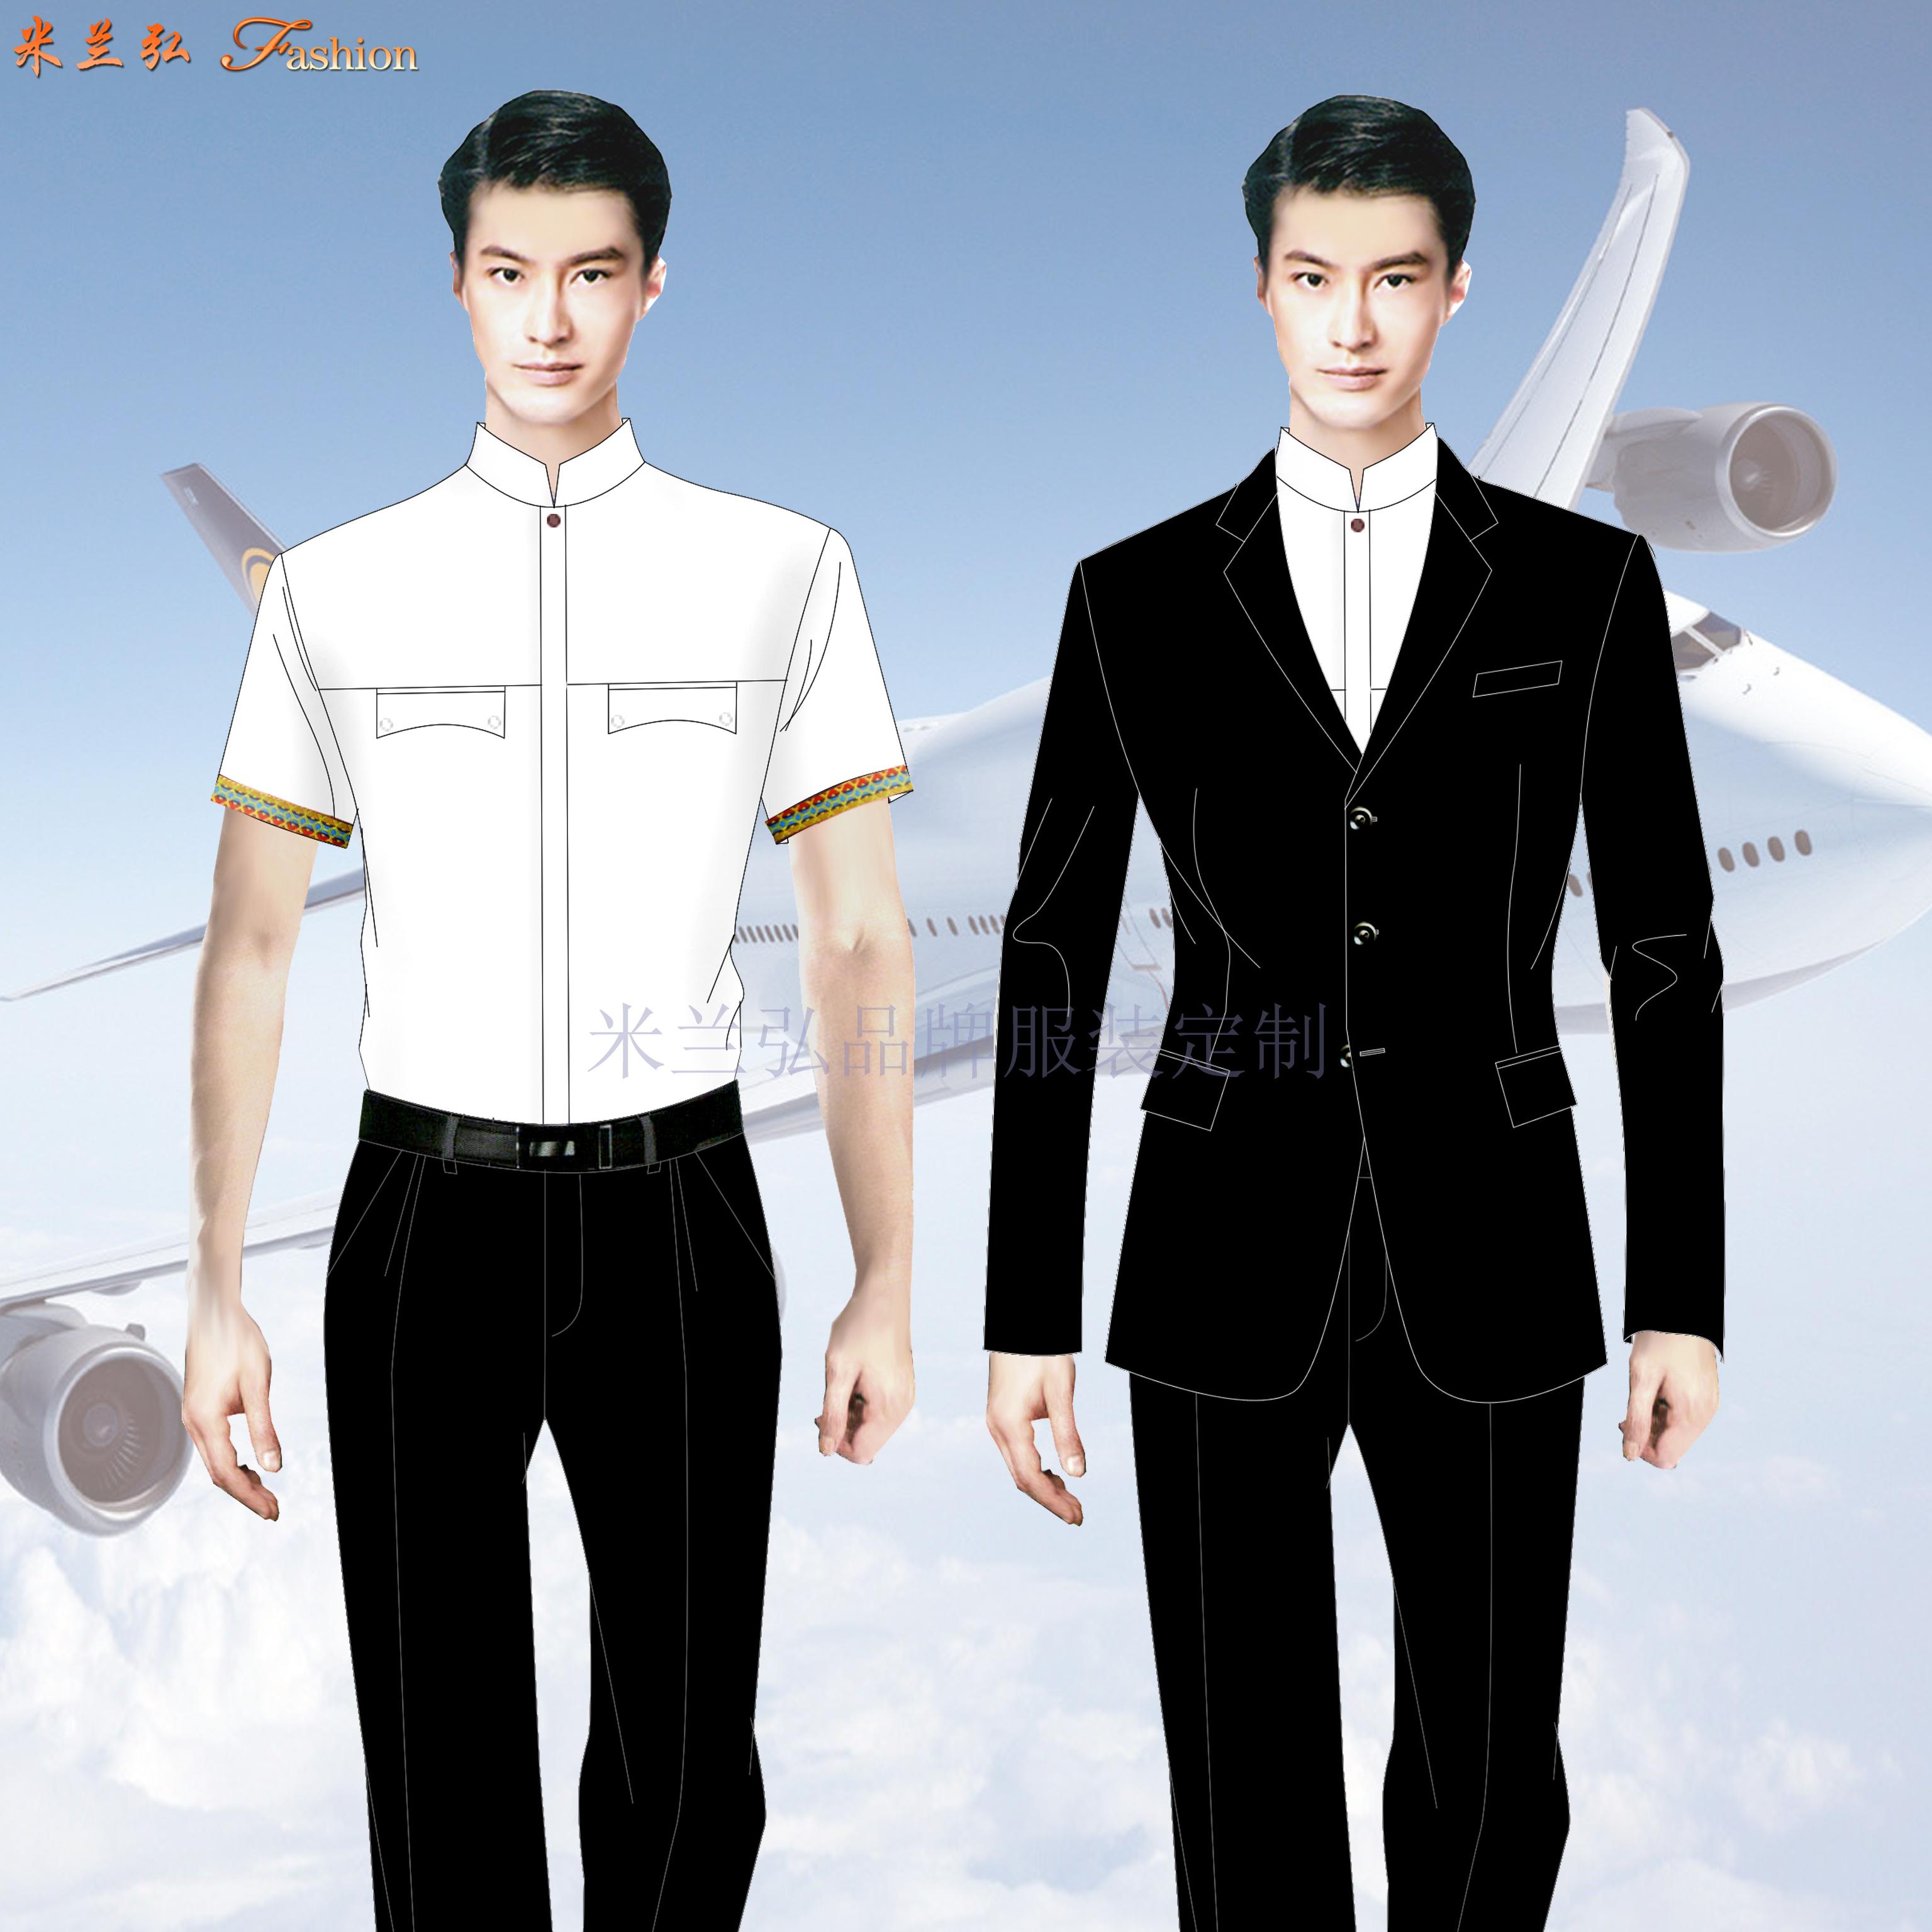 高等院校空乘服定制_高职学校空姐服定做_成人学校空姐服订做👍-1